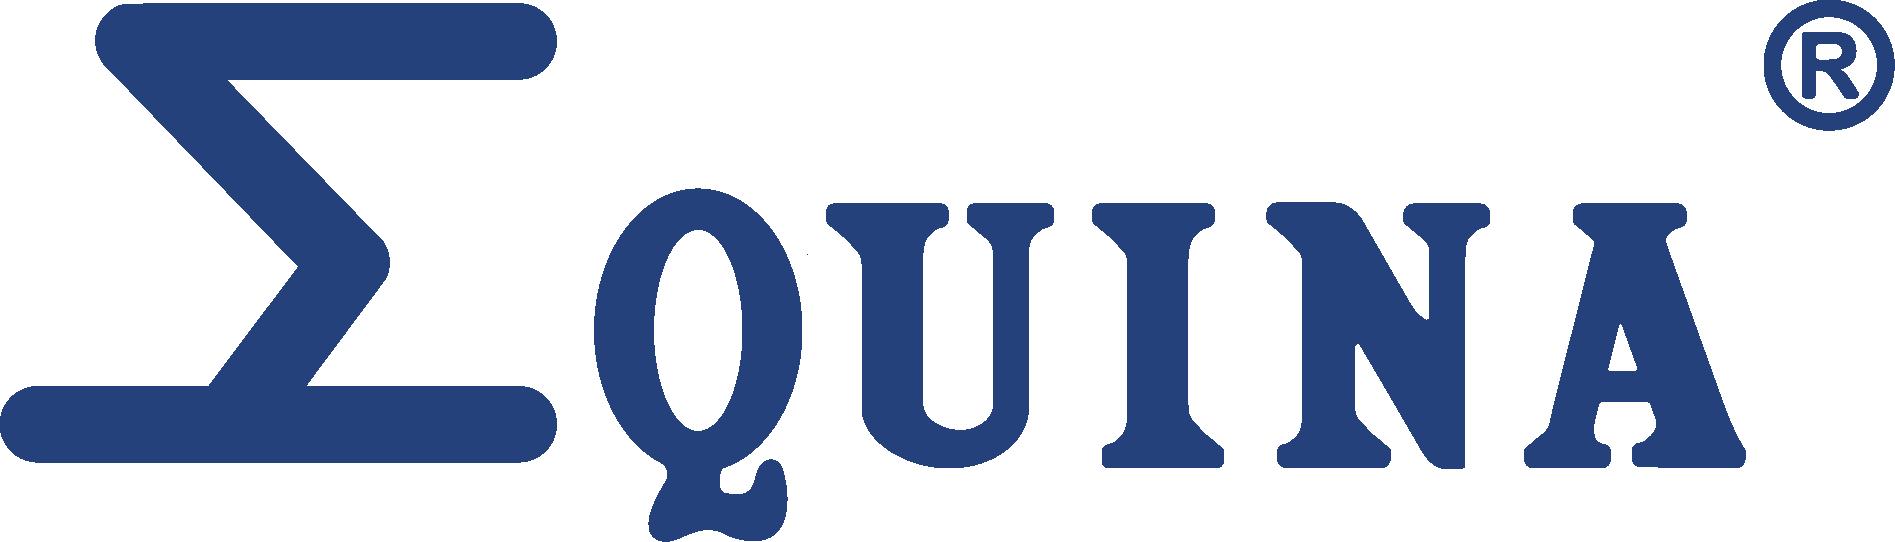 Equina